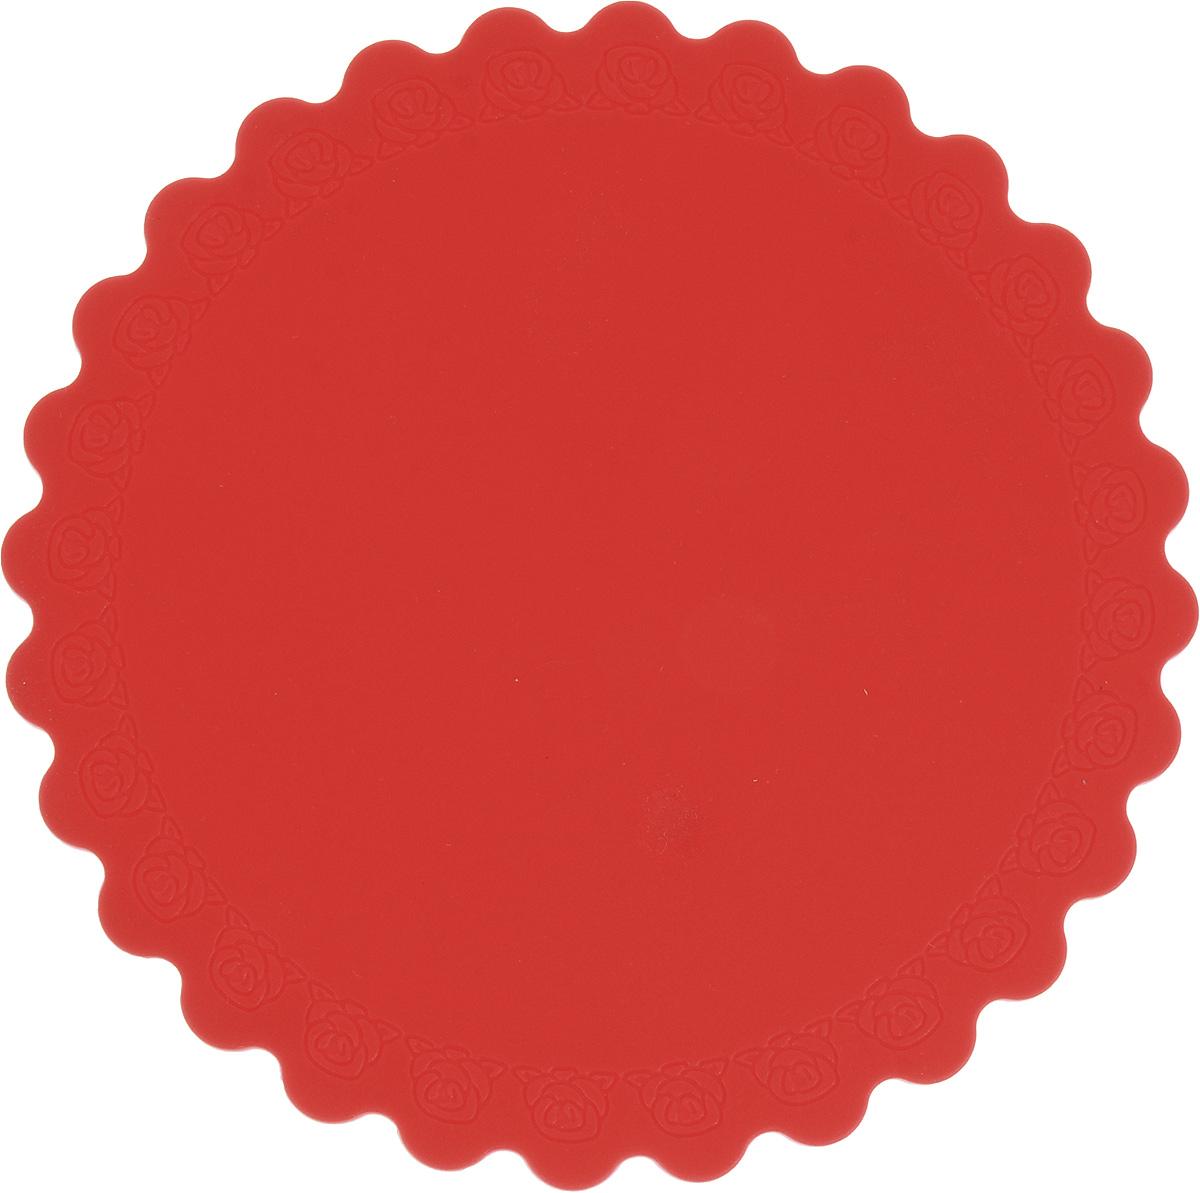 Подставка под горячее Доляна Цветок, цвет: красный, диаметр 14 см1057101_красныйСиликоновая подставка под горячее - практичный предмет, который обязательнопригодится в хозяйстве. Изделие поможет сберечь столы, тумбы, скатерти иклеёнки от повреждения нагретыми сковородами, кастрюлями, чайниками итарелками. Высокая термостойкость (от -40 до +230 С) позволяет применять форму в духовыхшкафах и морозильных камерах.